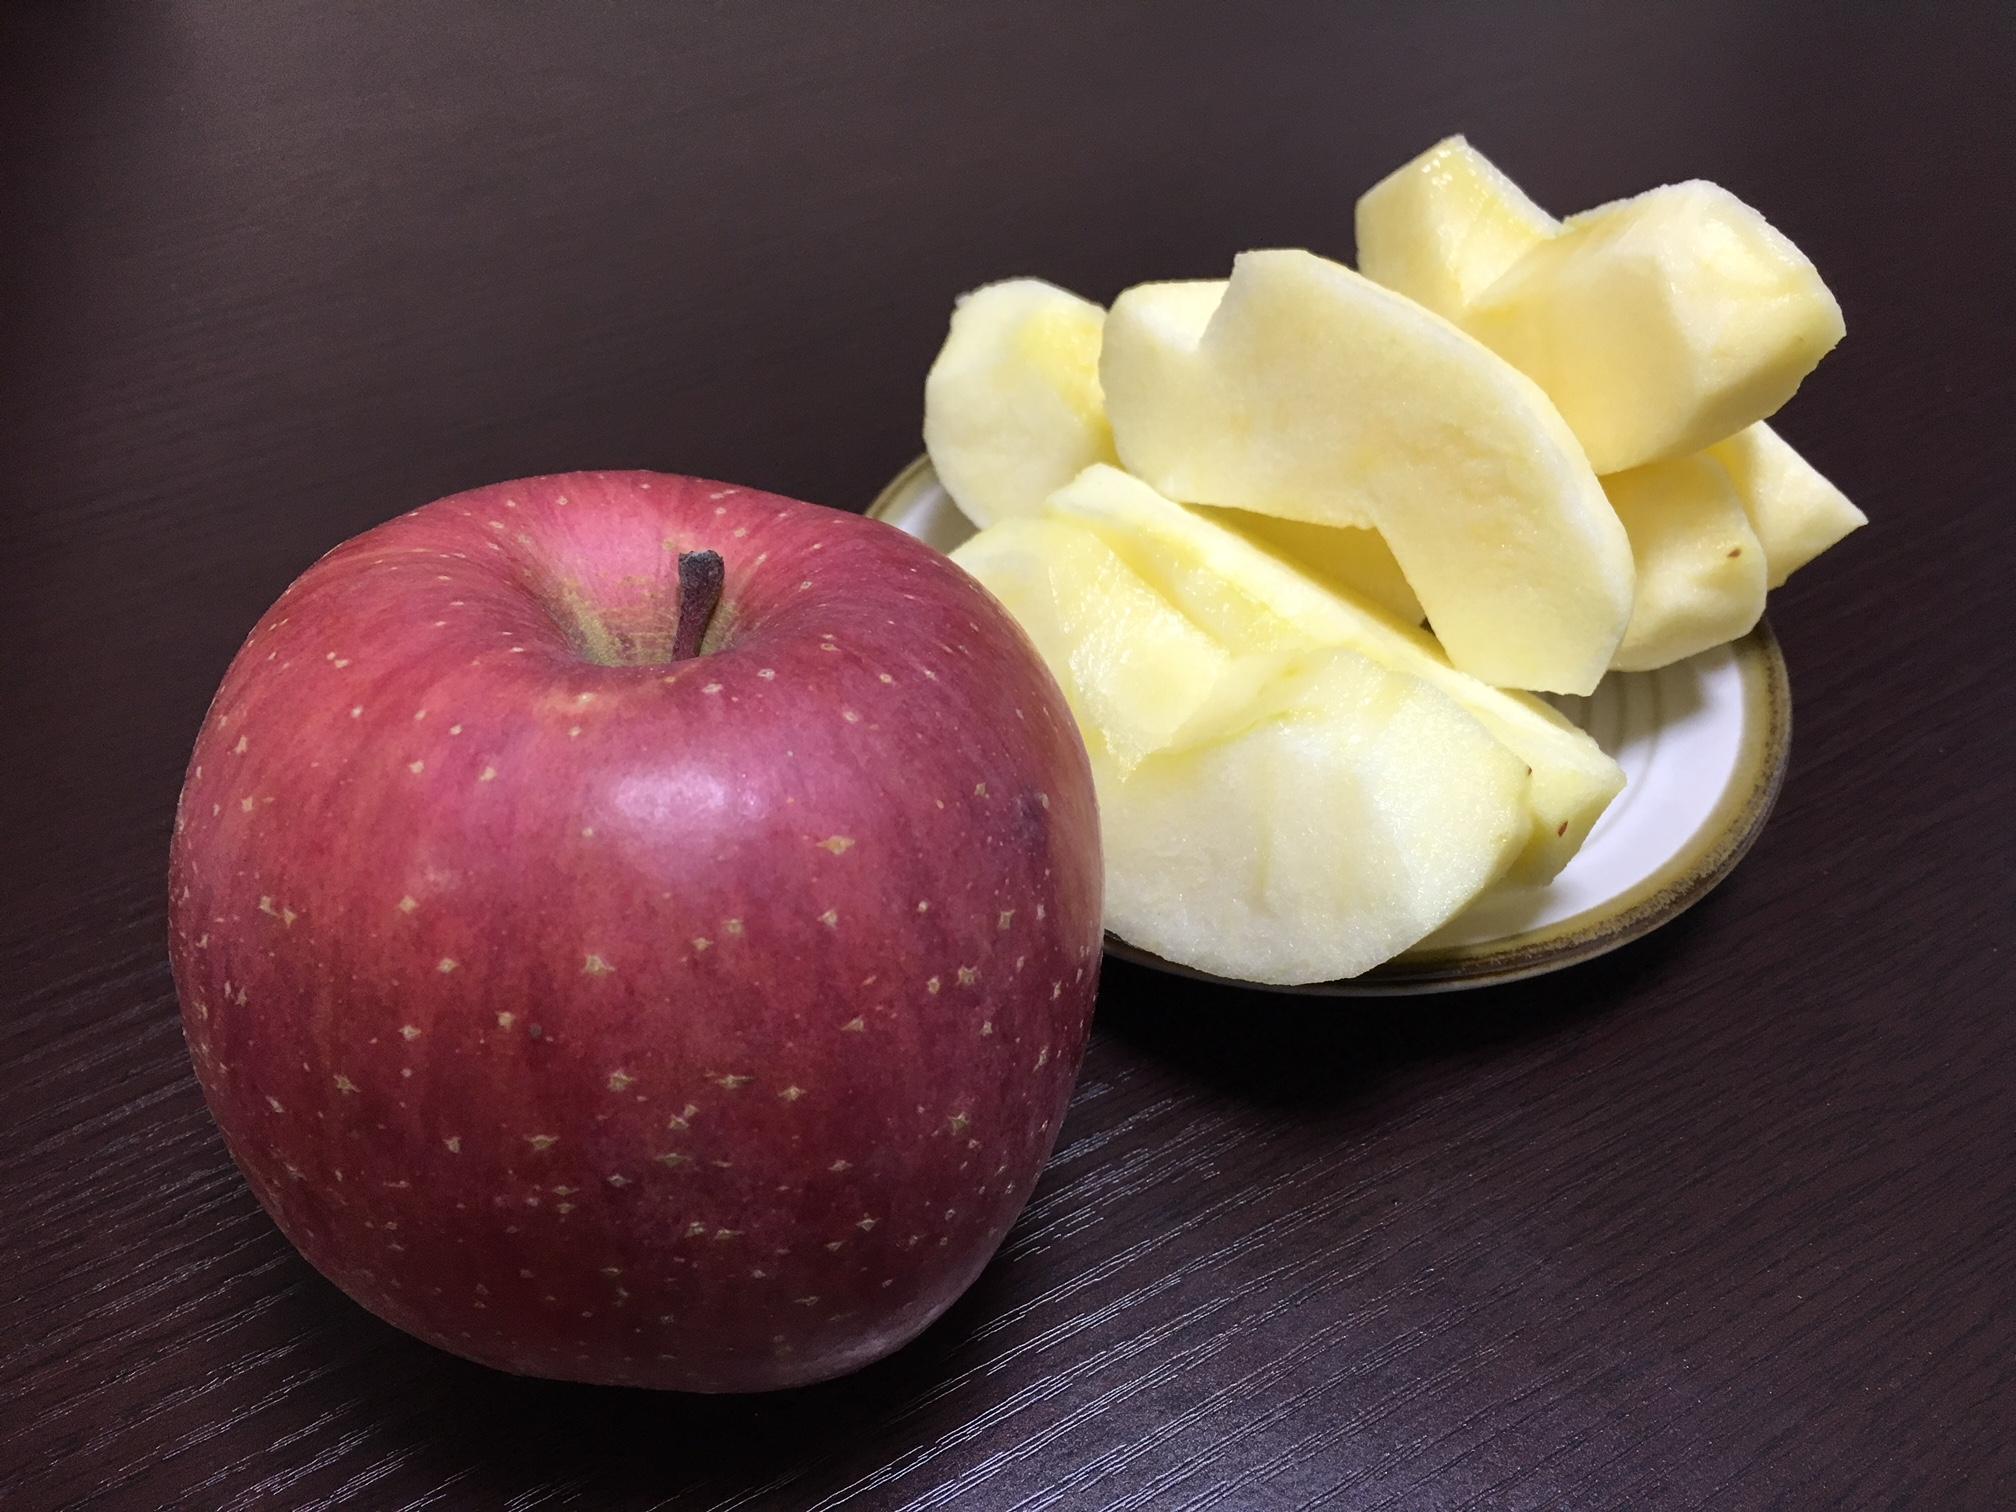 【3時のおやつ】りんごといえばサンフジ!?